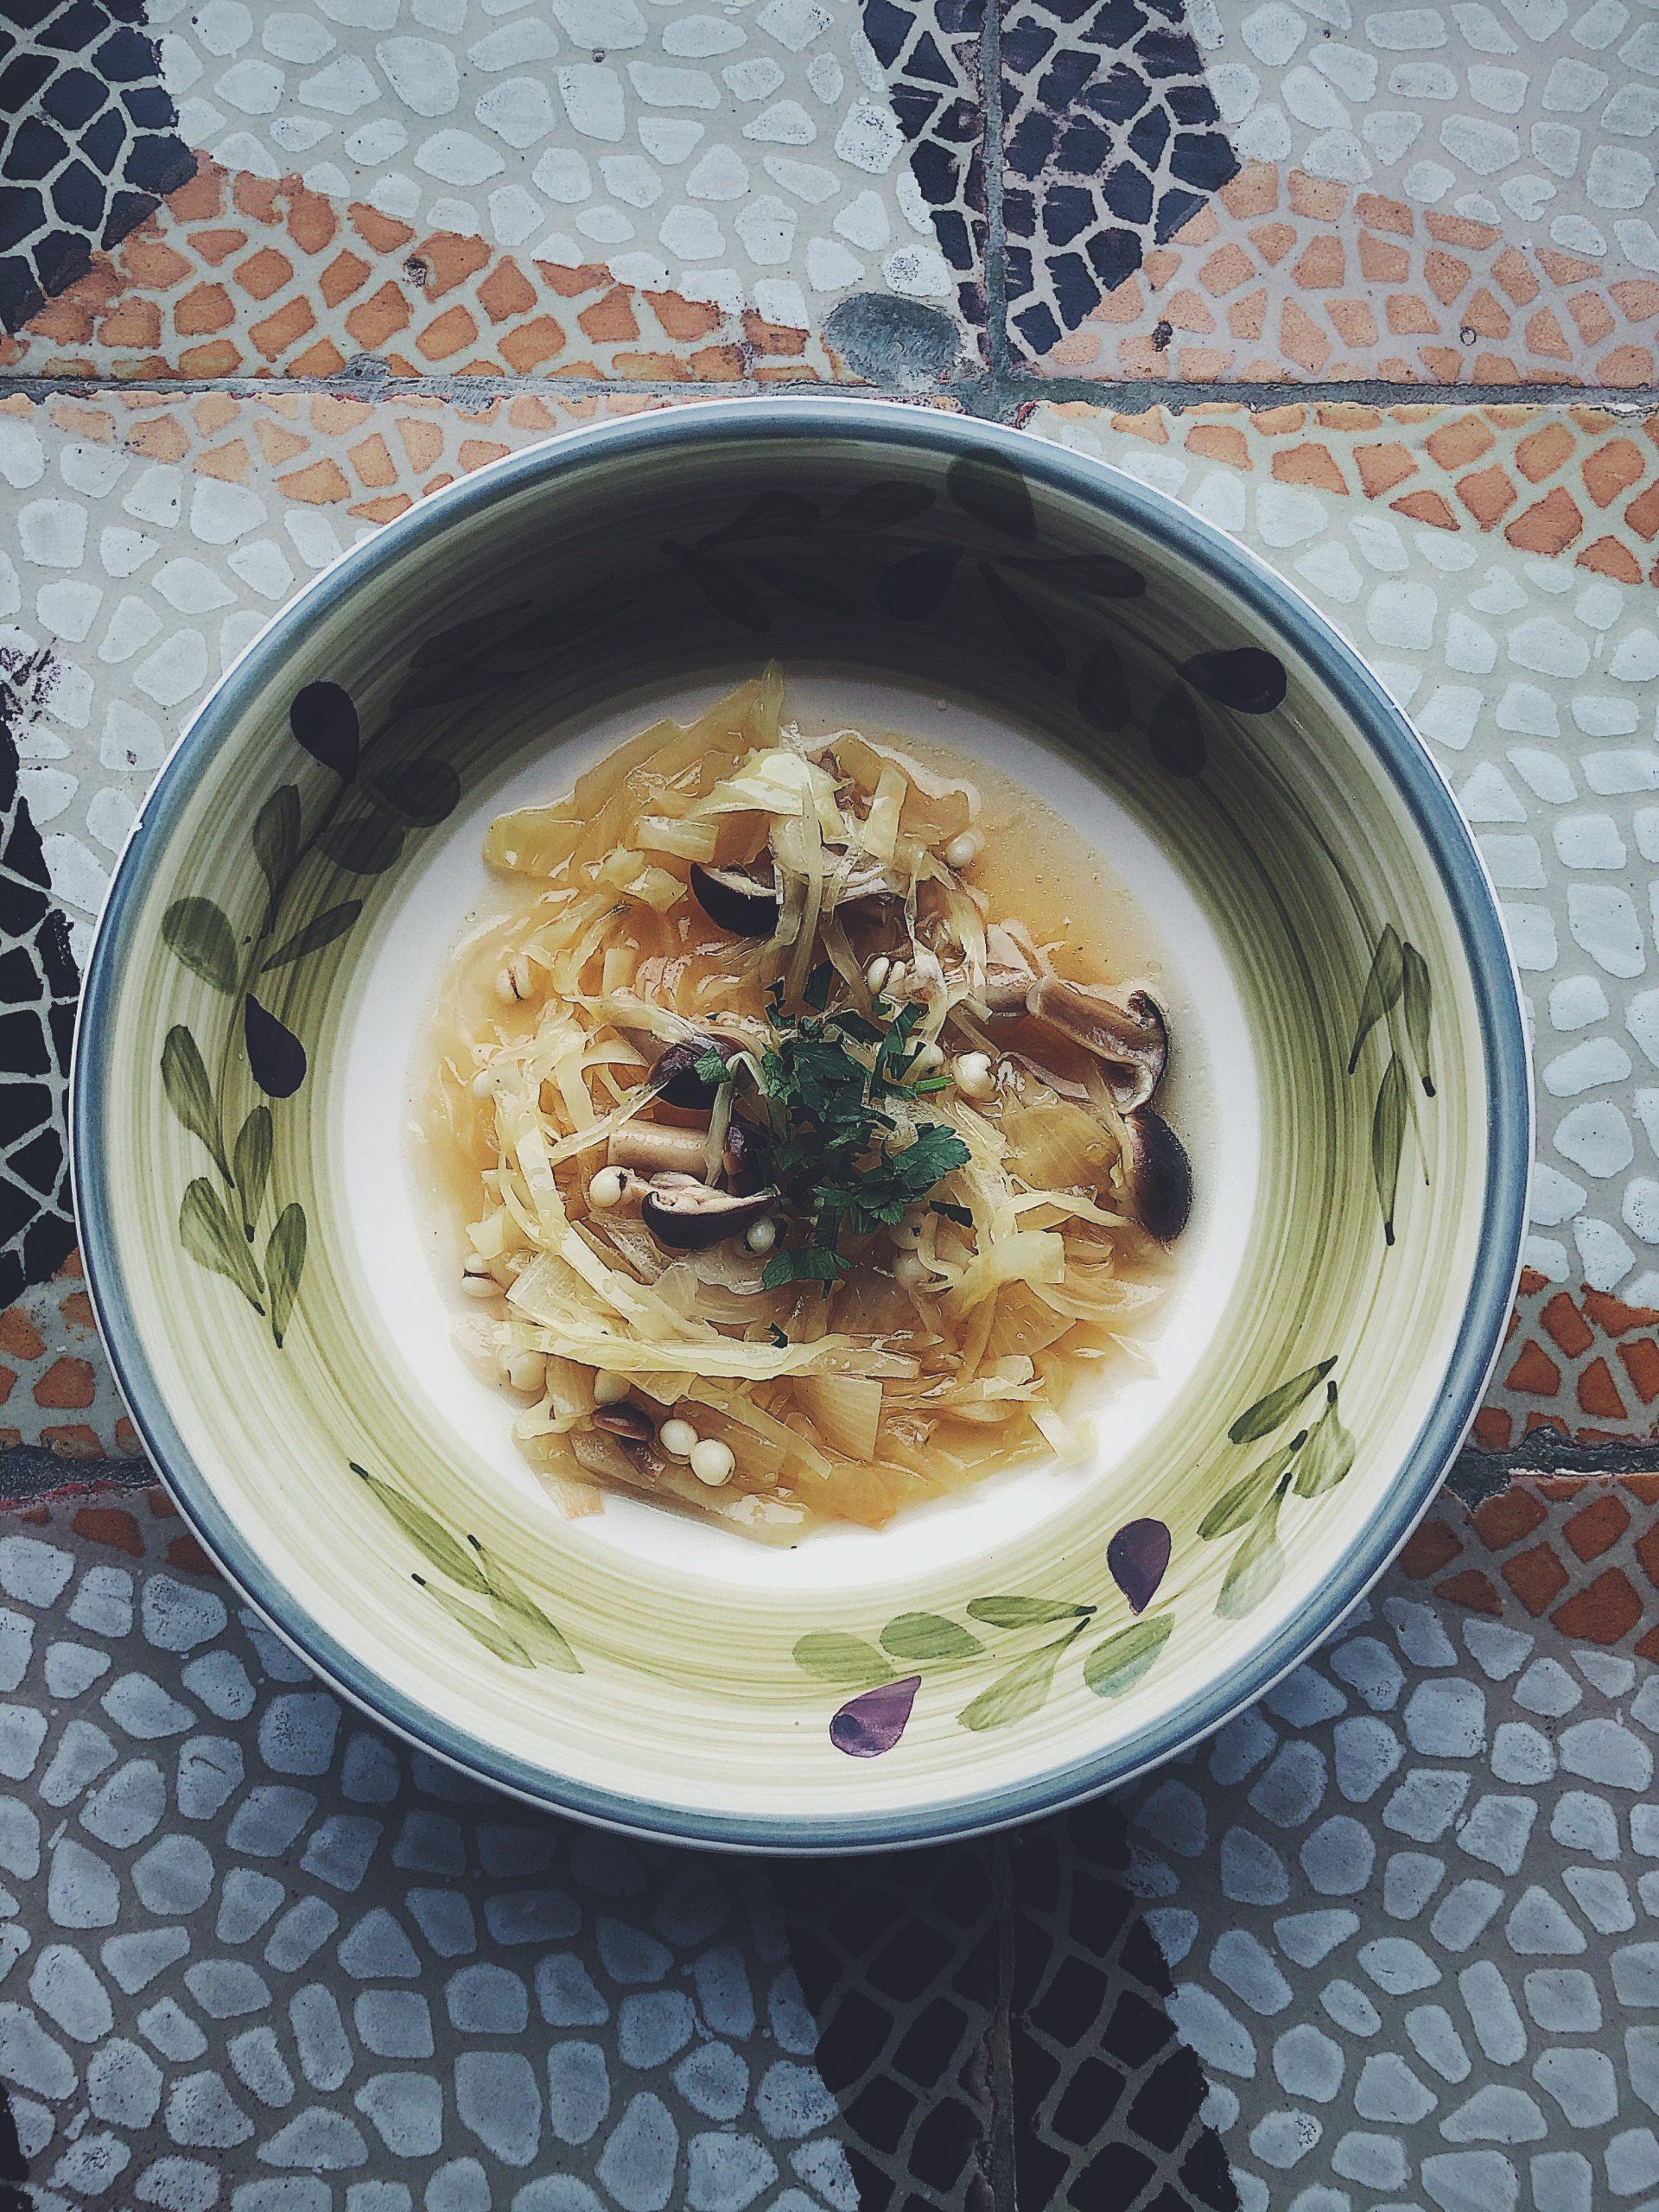 Zupa z kapusty i pioppini